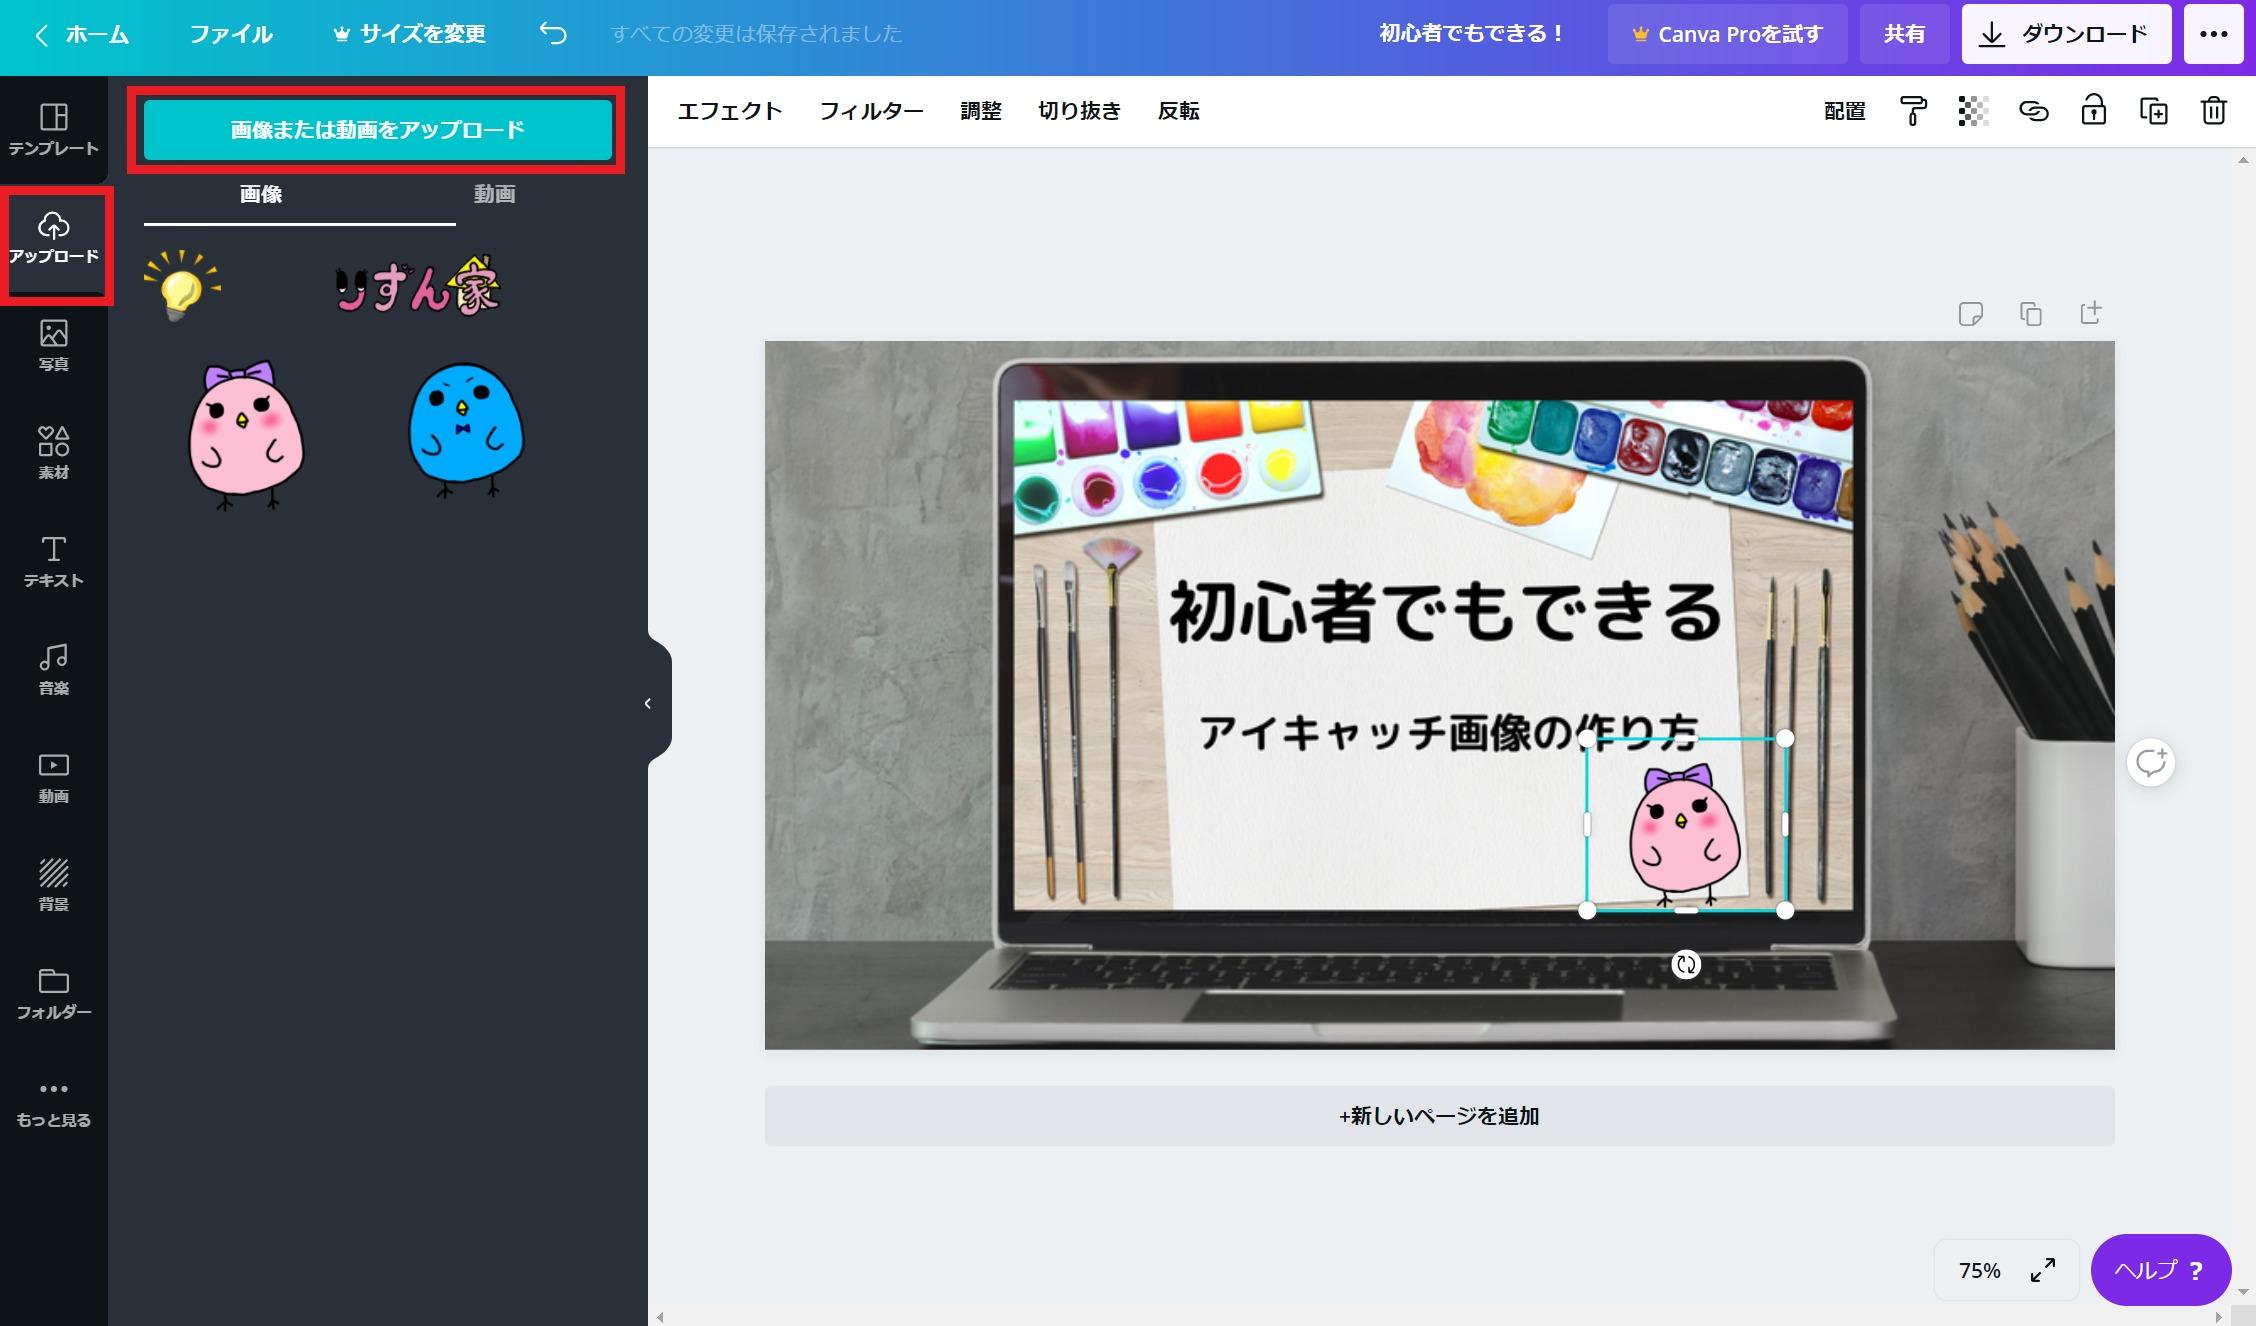 【ブログ初心者】-アイキャッチ画像の作り方1-11.jpg